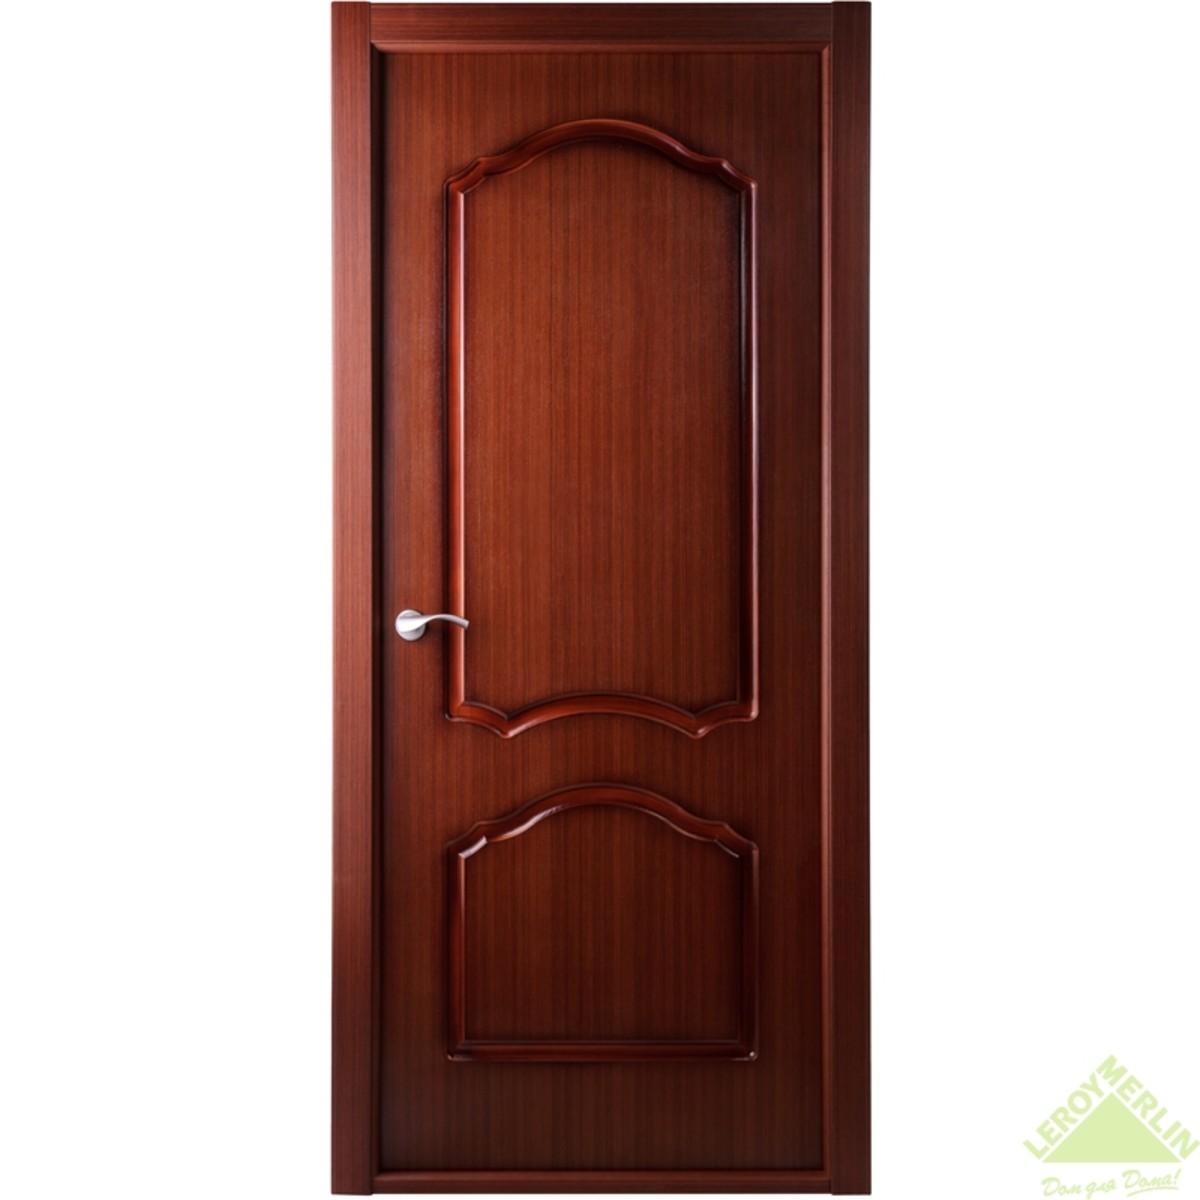 Дверь Межкомнатная Глухая Каролина 90x200 Ламинация Цвет Красное Дерево